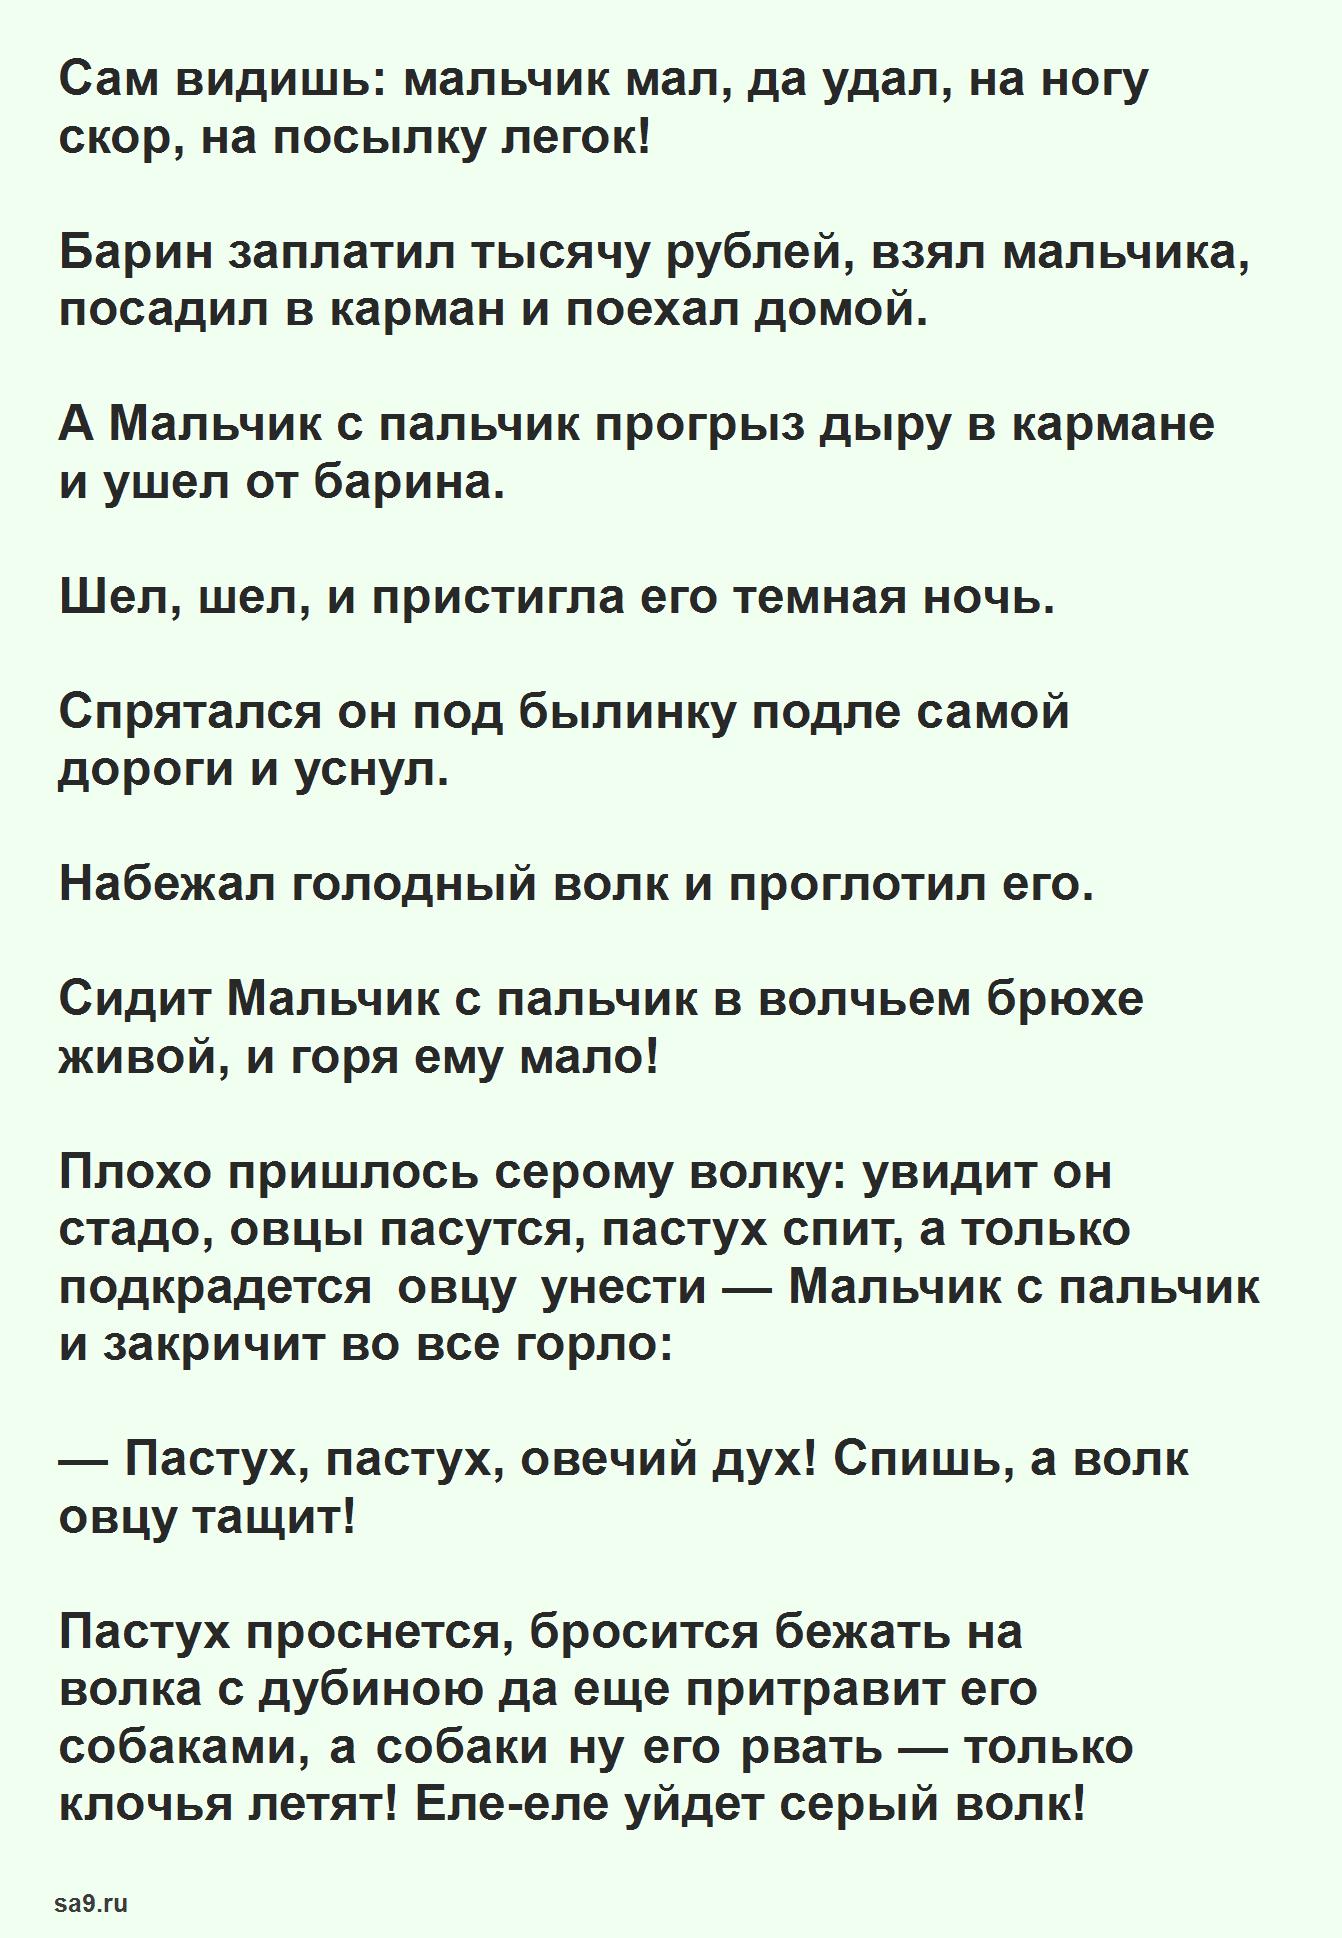 Читать русскую народную сказку - Мальчик с пальчик, для детей